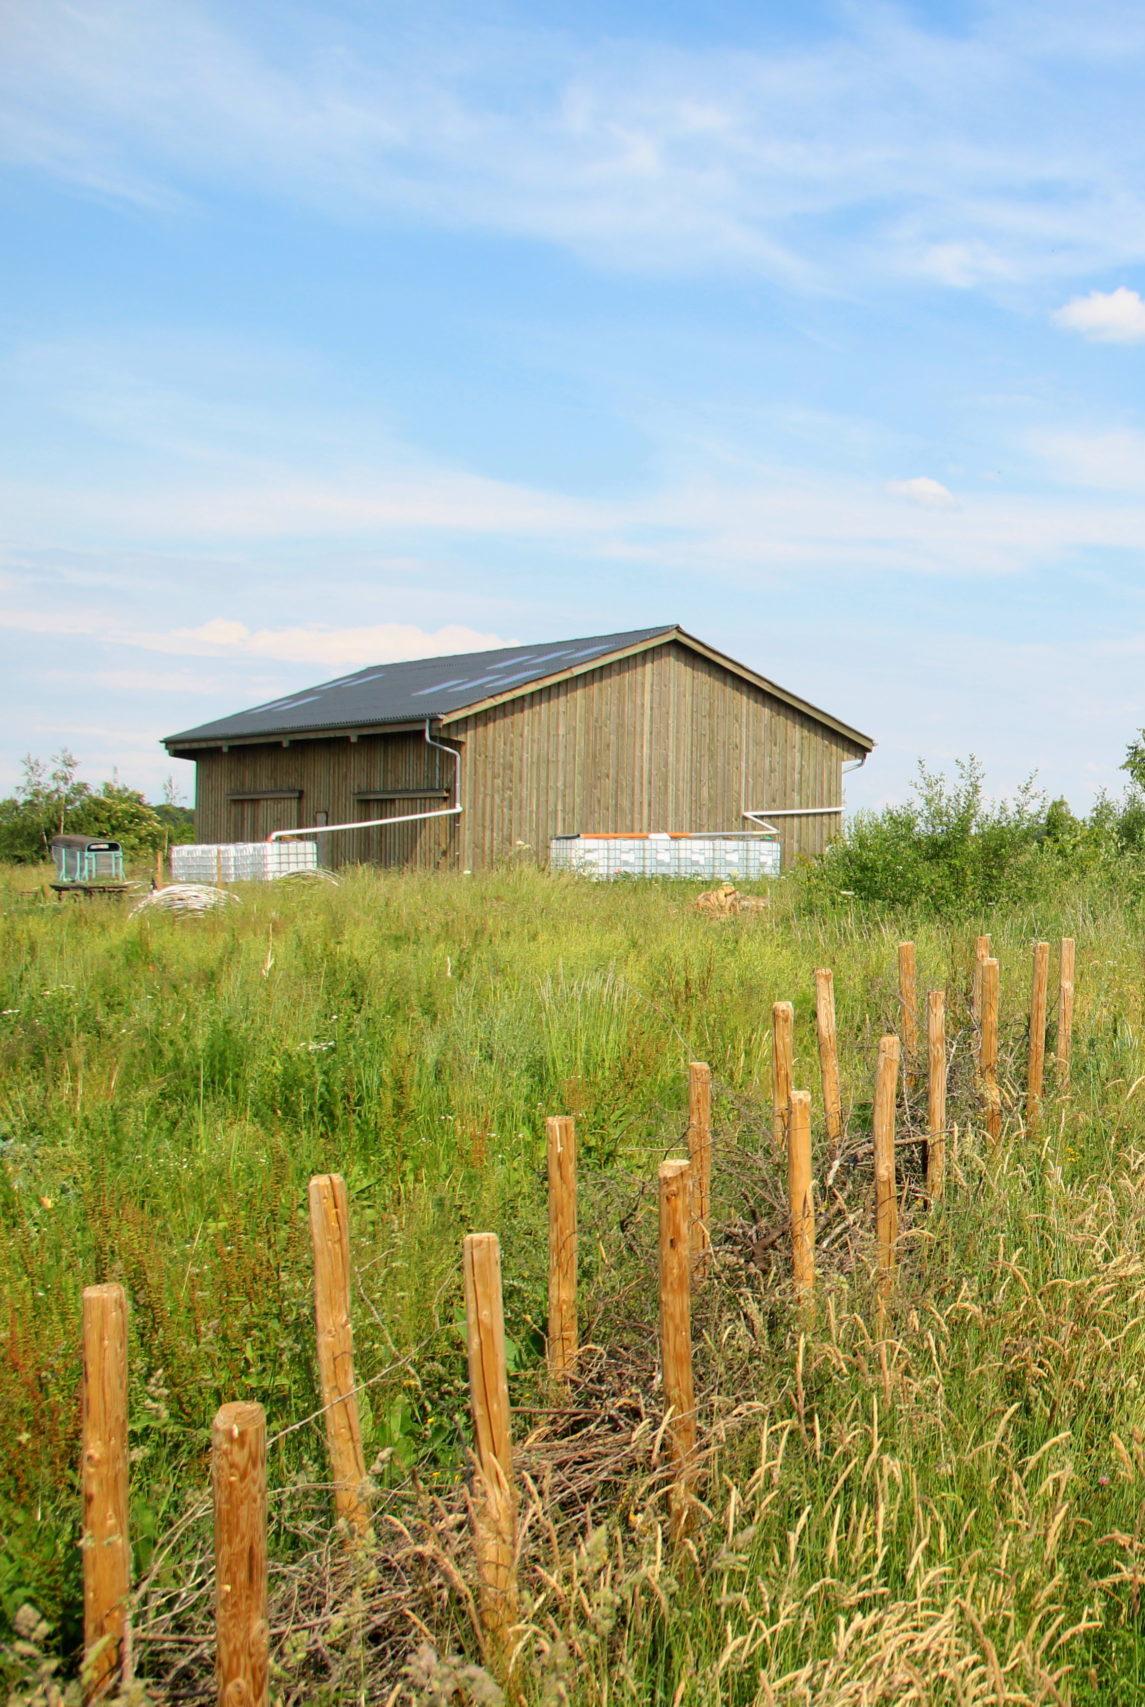 Terrain et bâtiment de Canopée, coopérative en agroforesterie, dans le sud de la Belgique